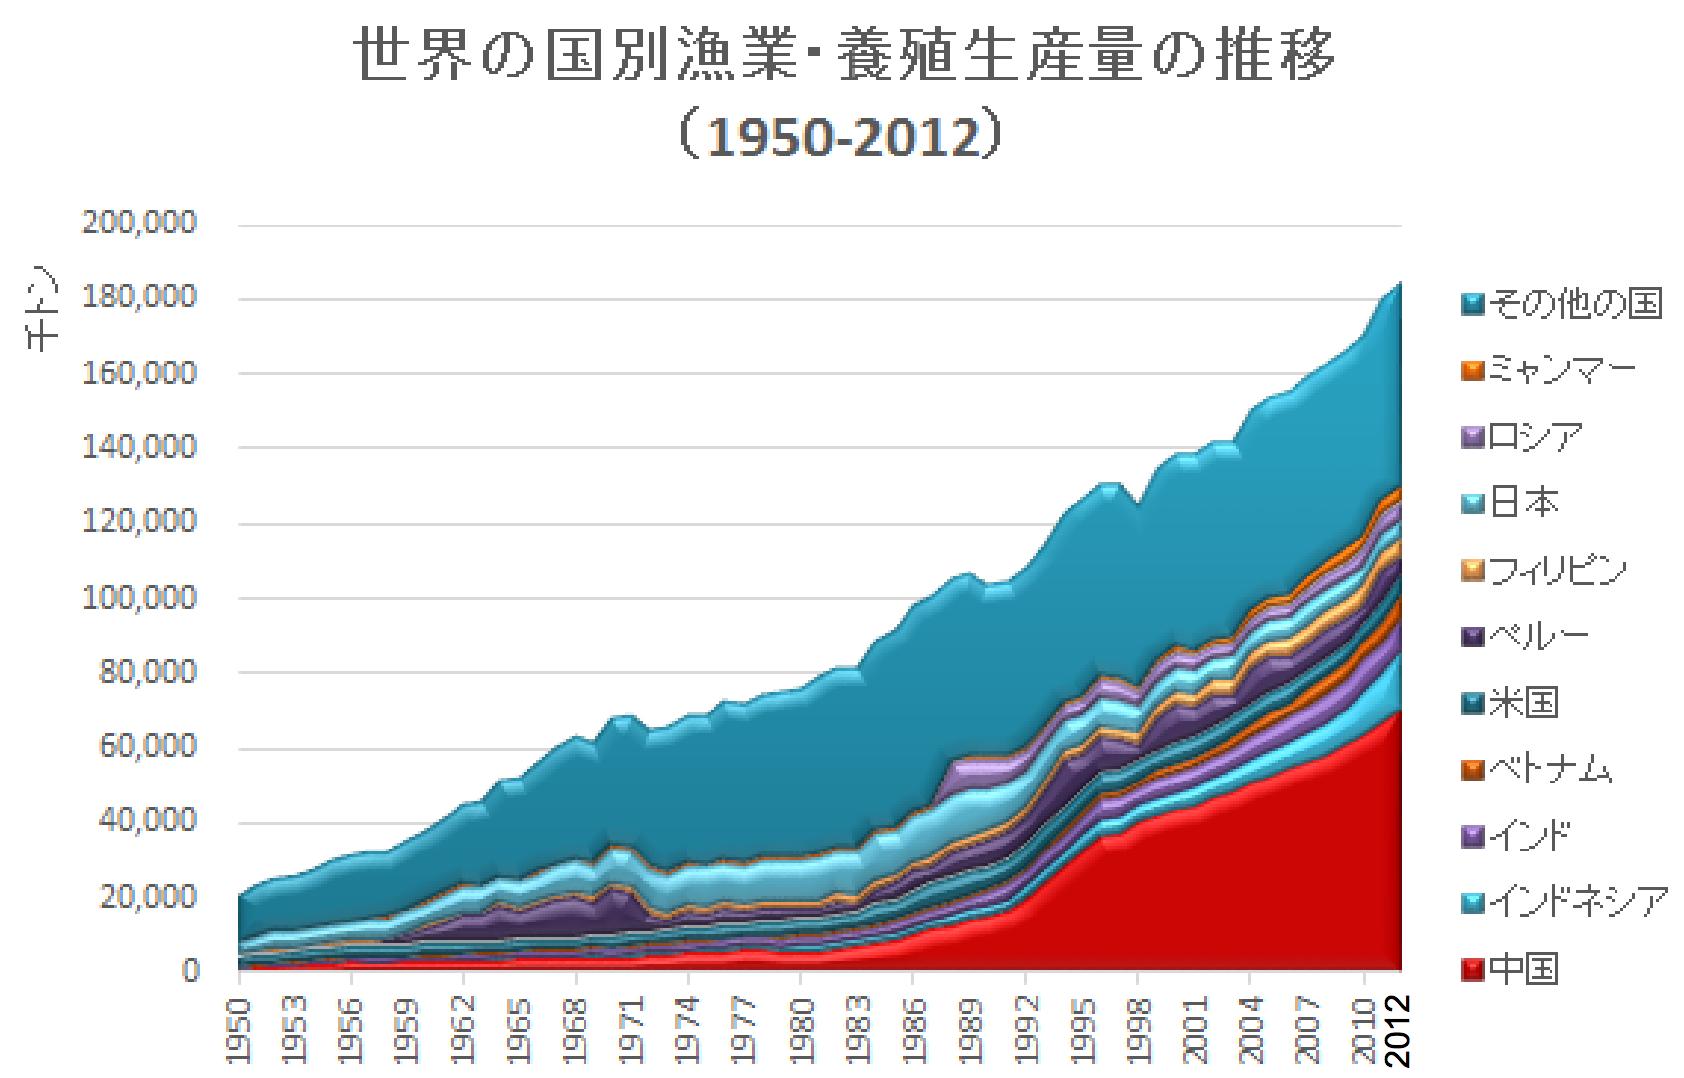 国別漁業・養殖業生産高